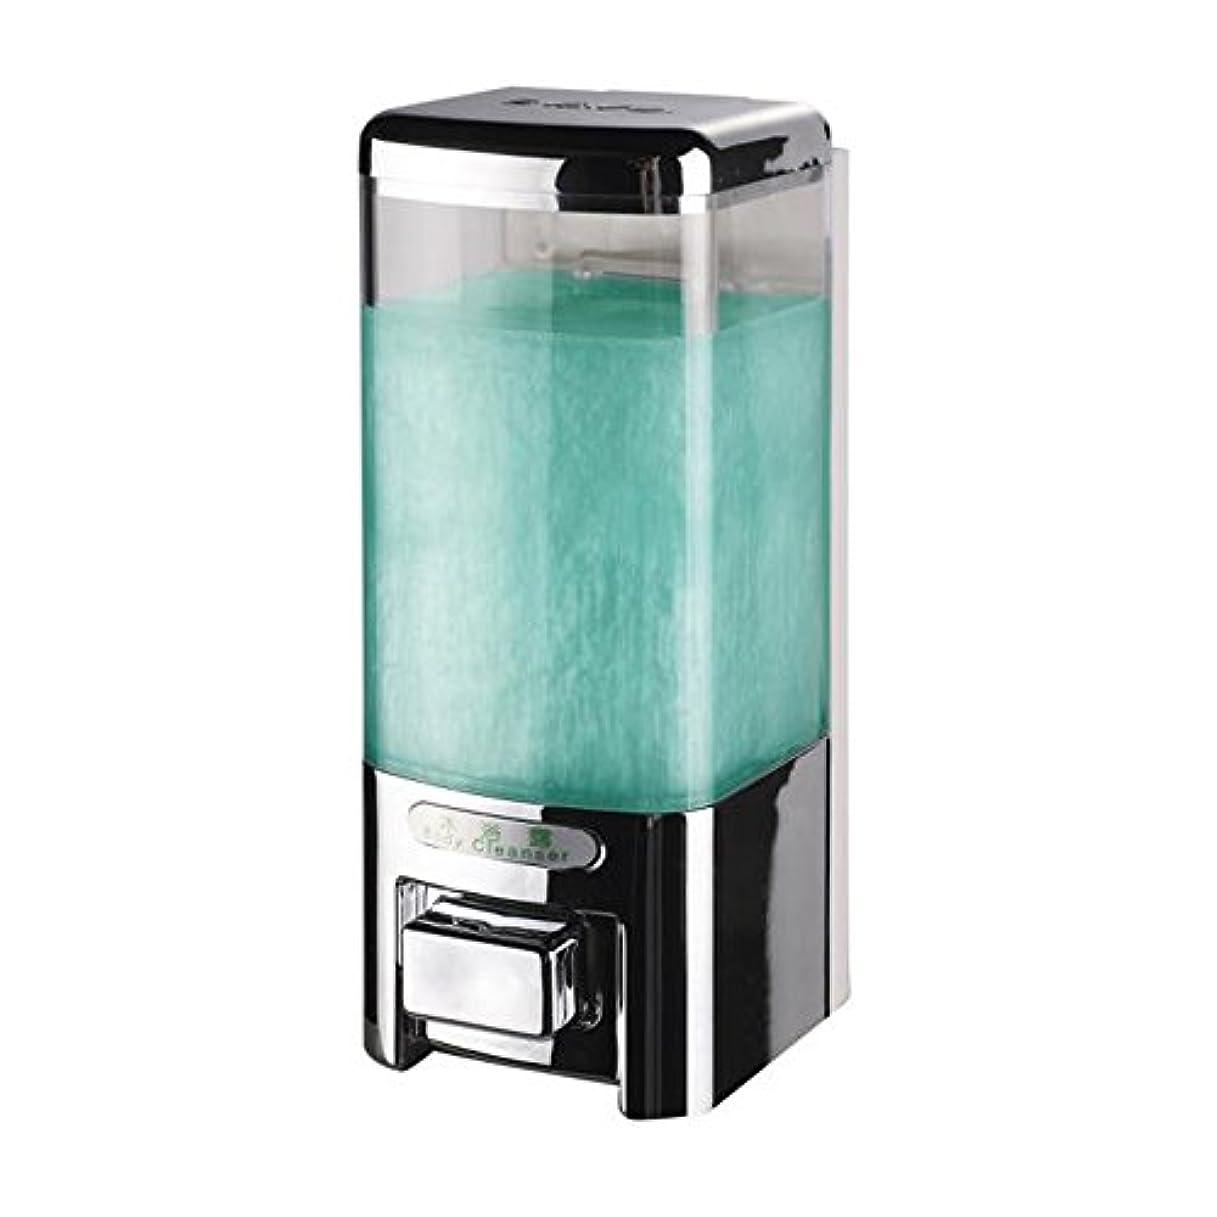 ほのめかす羊の服を着た狼句読点Svavo v-8101プラスチック壁マウントHand Soap Dispenser forホテルキッチンバスルームホワイト、クロム500 ml 1のパック V-8101-Chrome